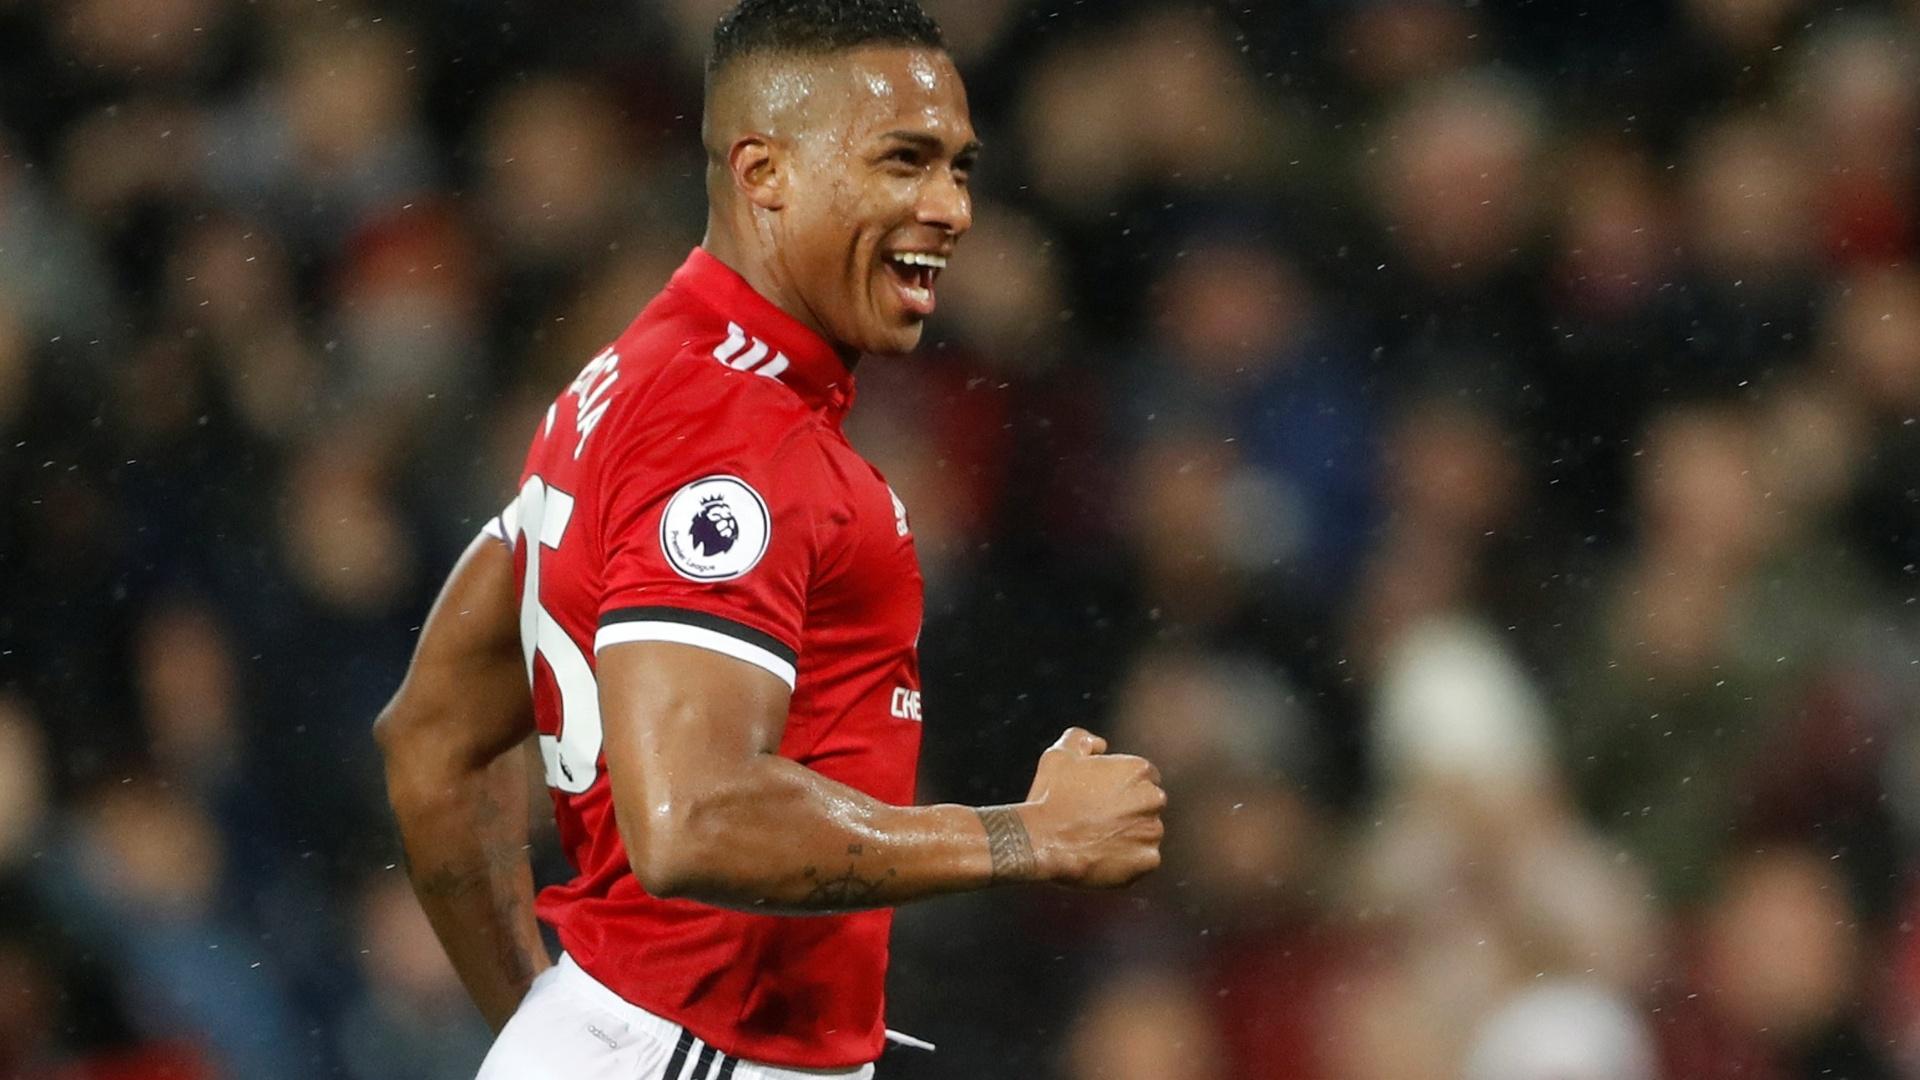 Valencia vibra muito após marcar pelo United contra o Stoke city